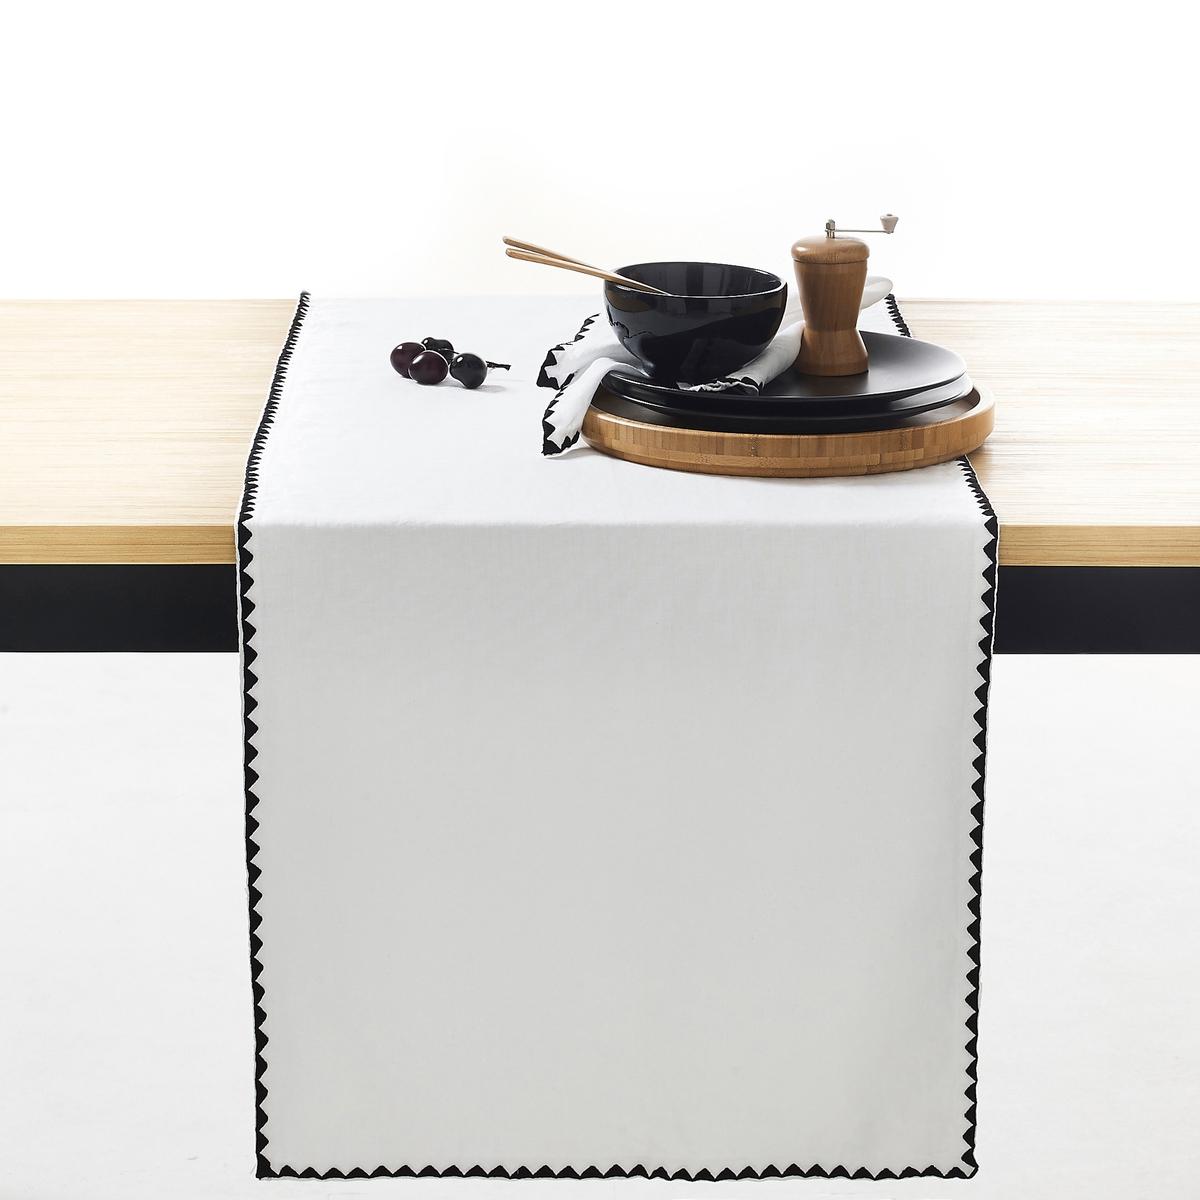 Дорожка столовая однотонная из хлопка и льна ADRIO столовая дорожка с принтом из хлопка и льна lonie